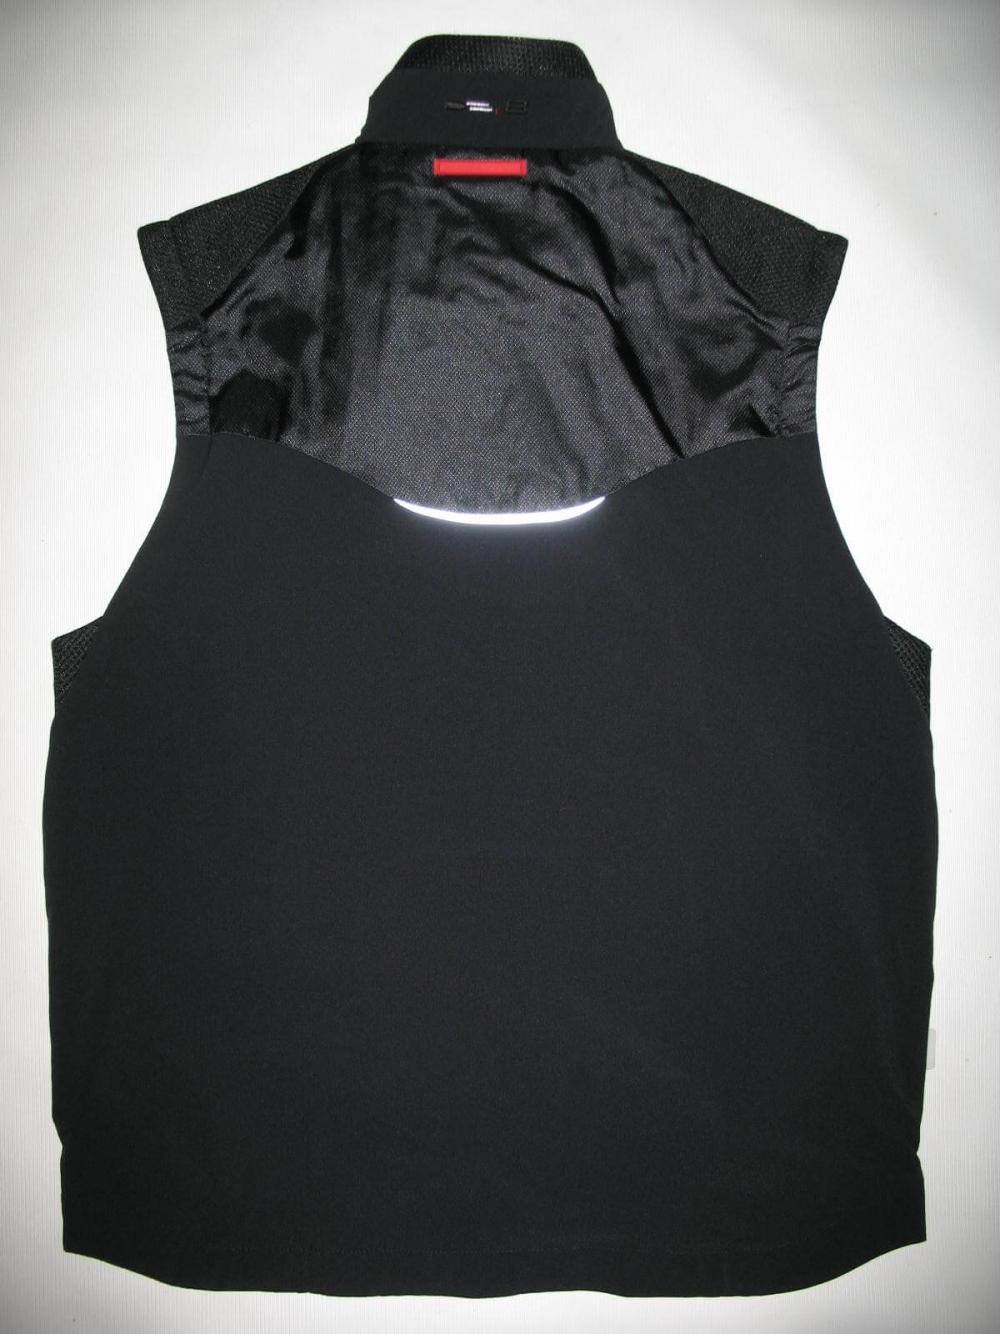 Жилет ASSOS bmc dopo bici DB8 insulator vest (размер M) - 2